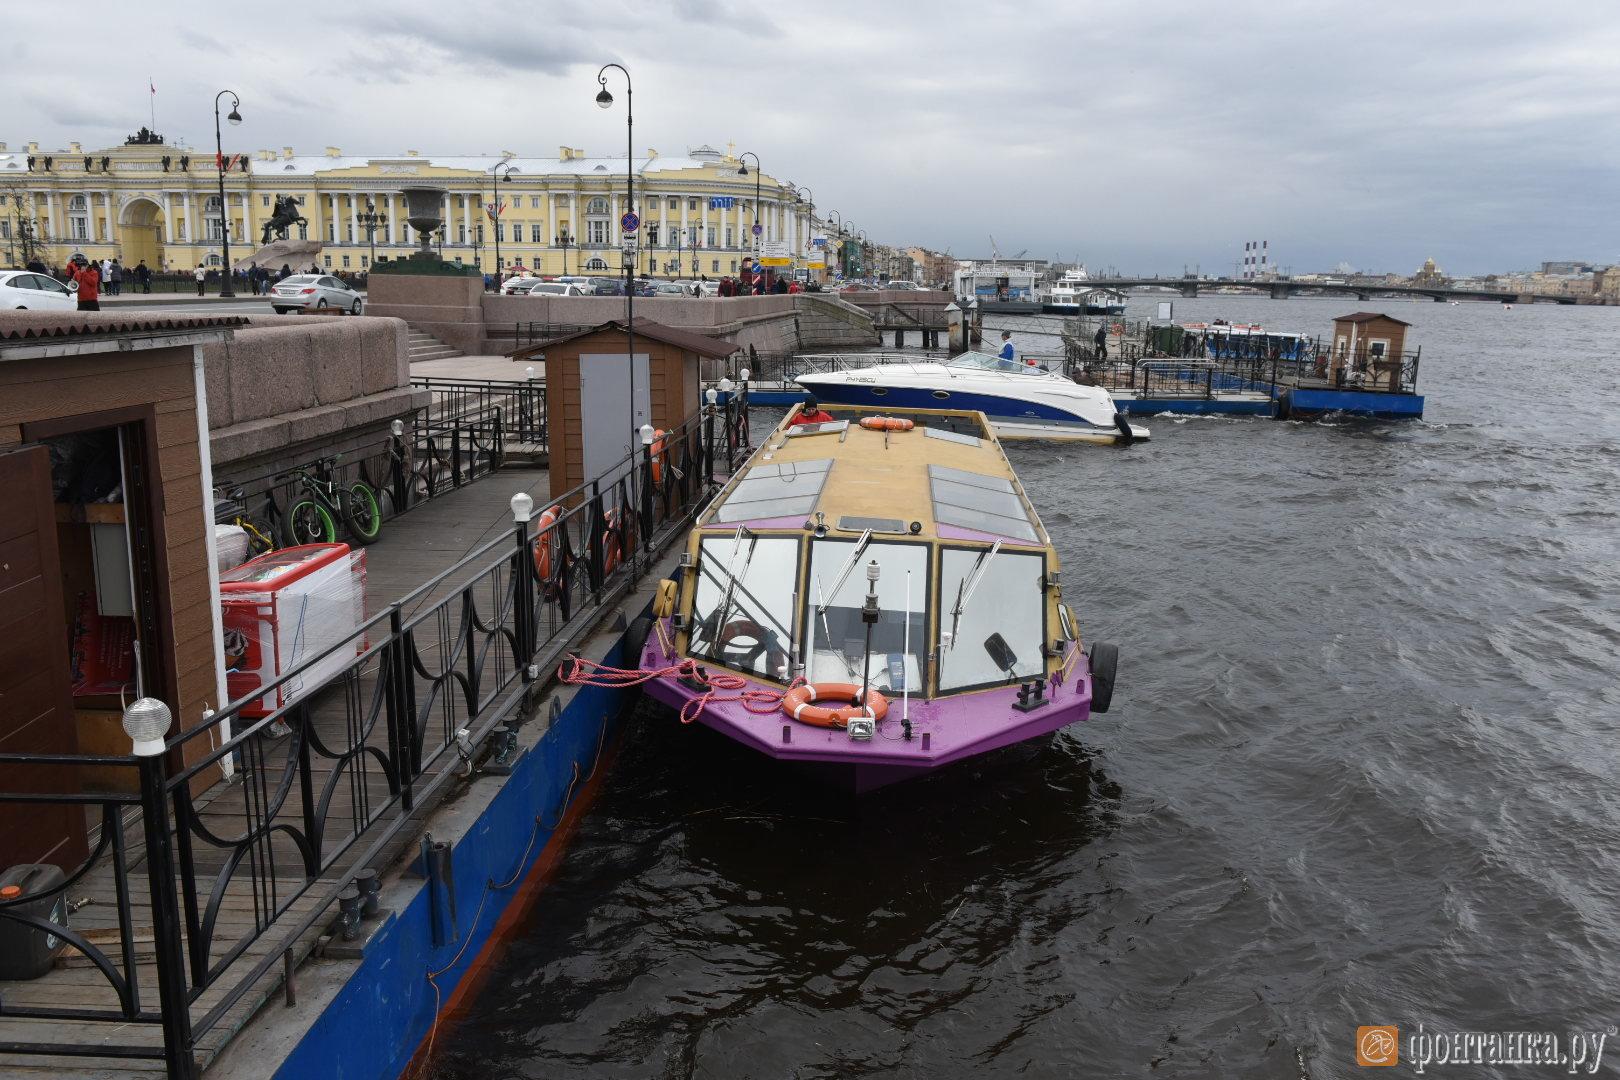 у причала находятся 6 лодок